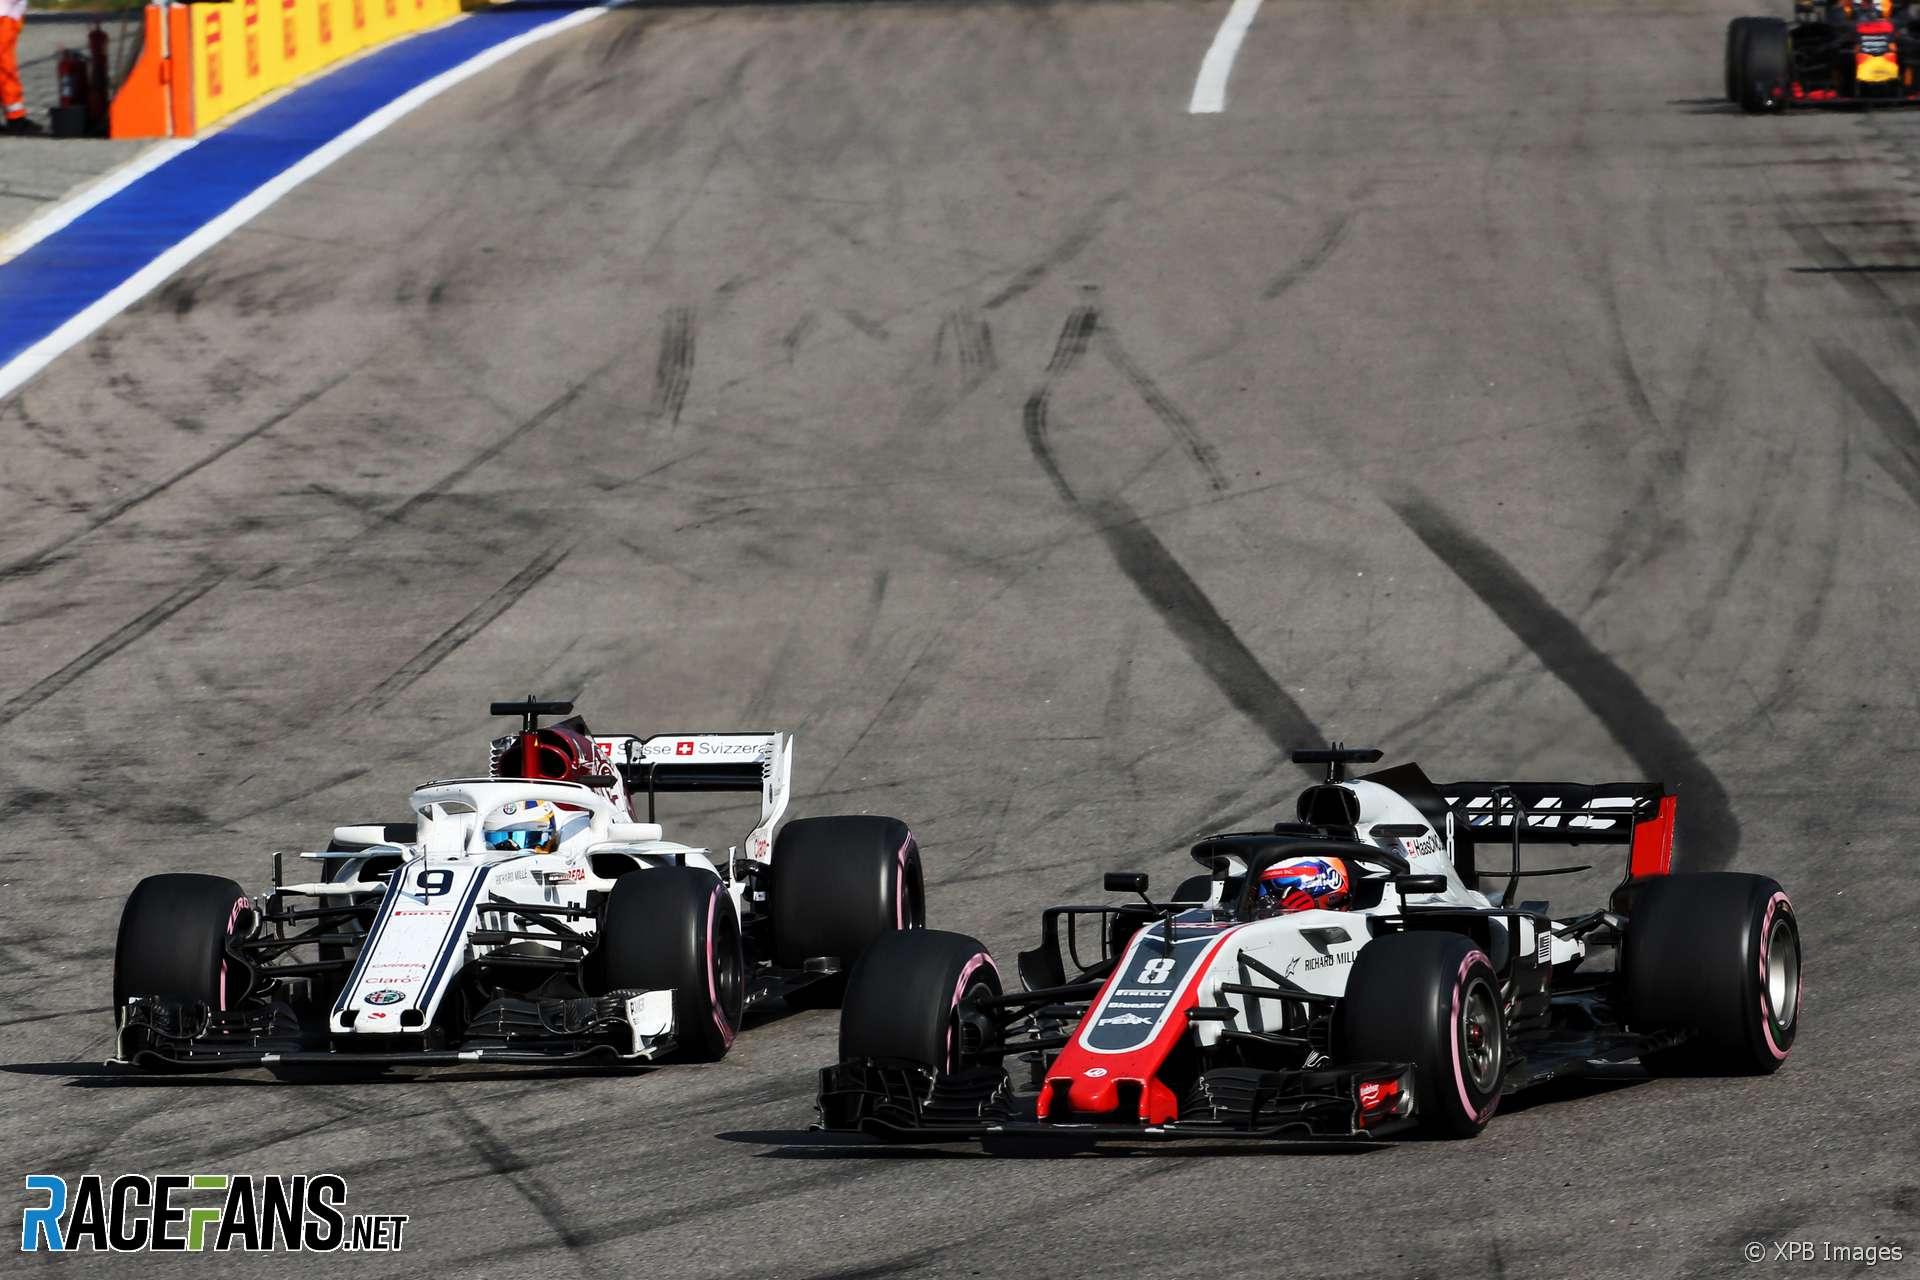 Marcus Ericsson, Sauber, Sochi Autodrom, 2018